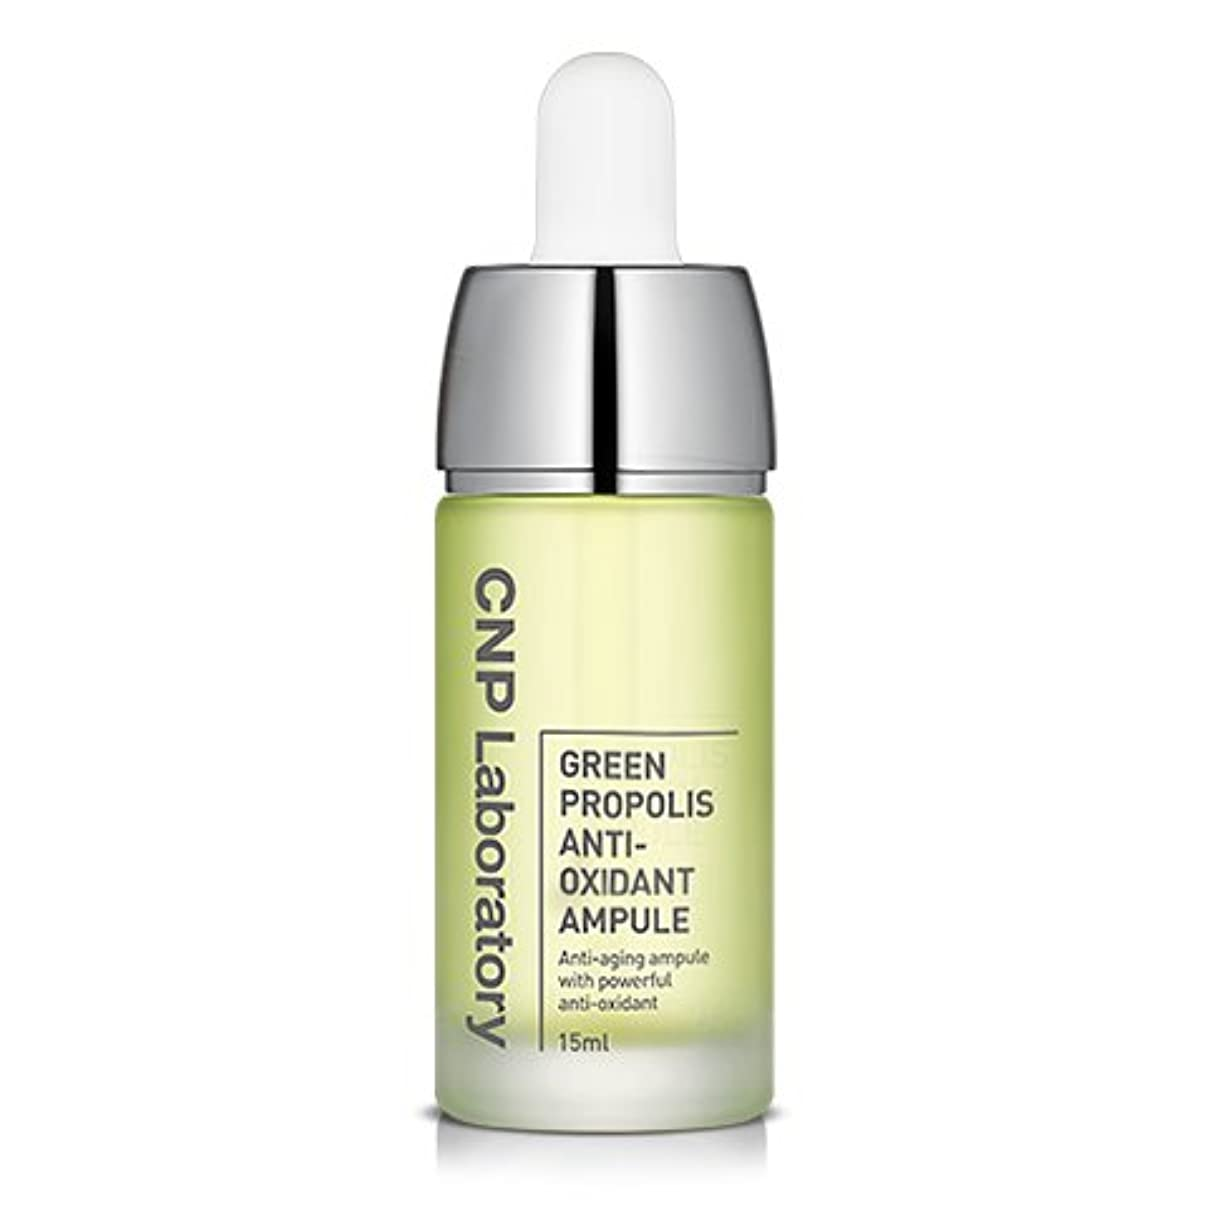 剛性サーバハウジングCNP Laboratory グリーンプロポリス酸化防止剤アンプル/Green Propolis Anti-Oxidant Ampule 15ml [並行輸入品]